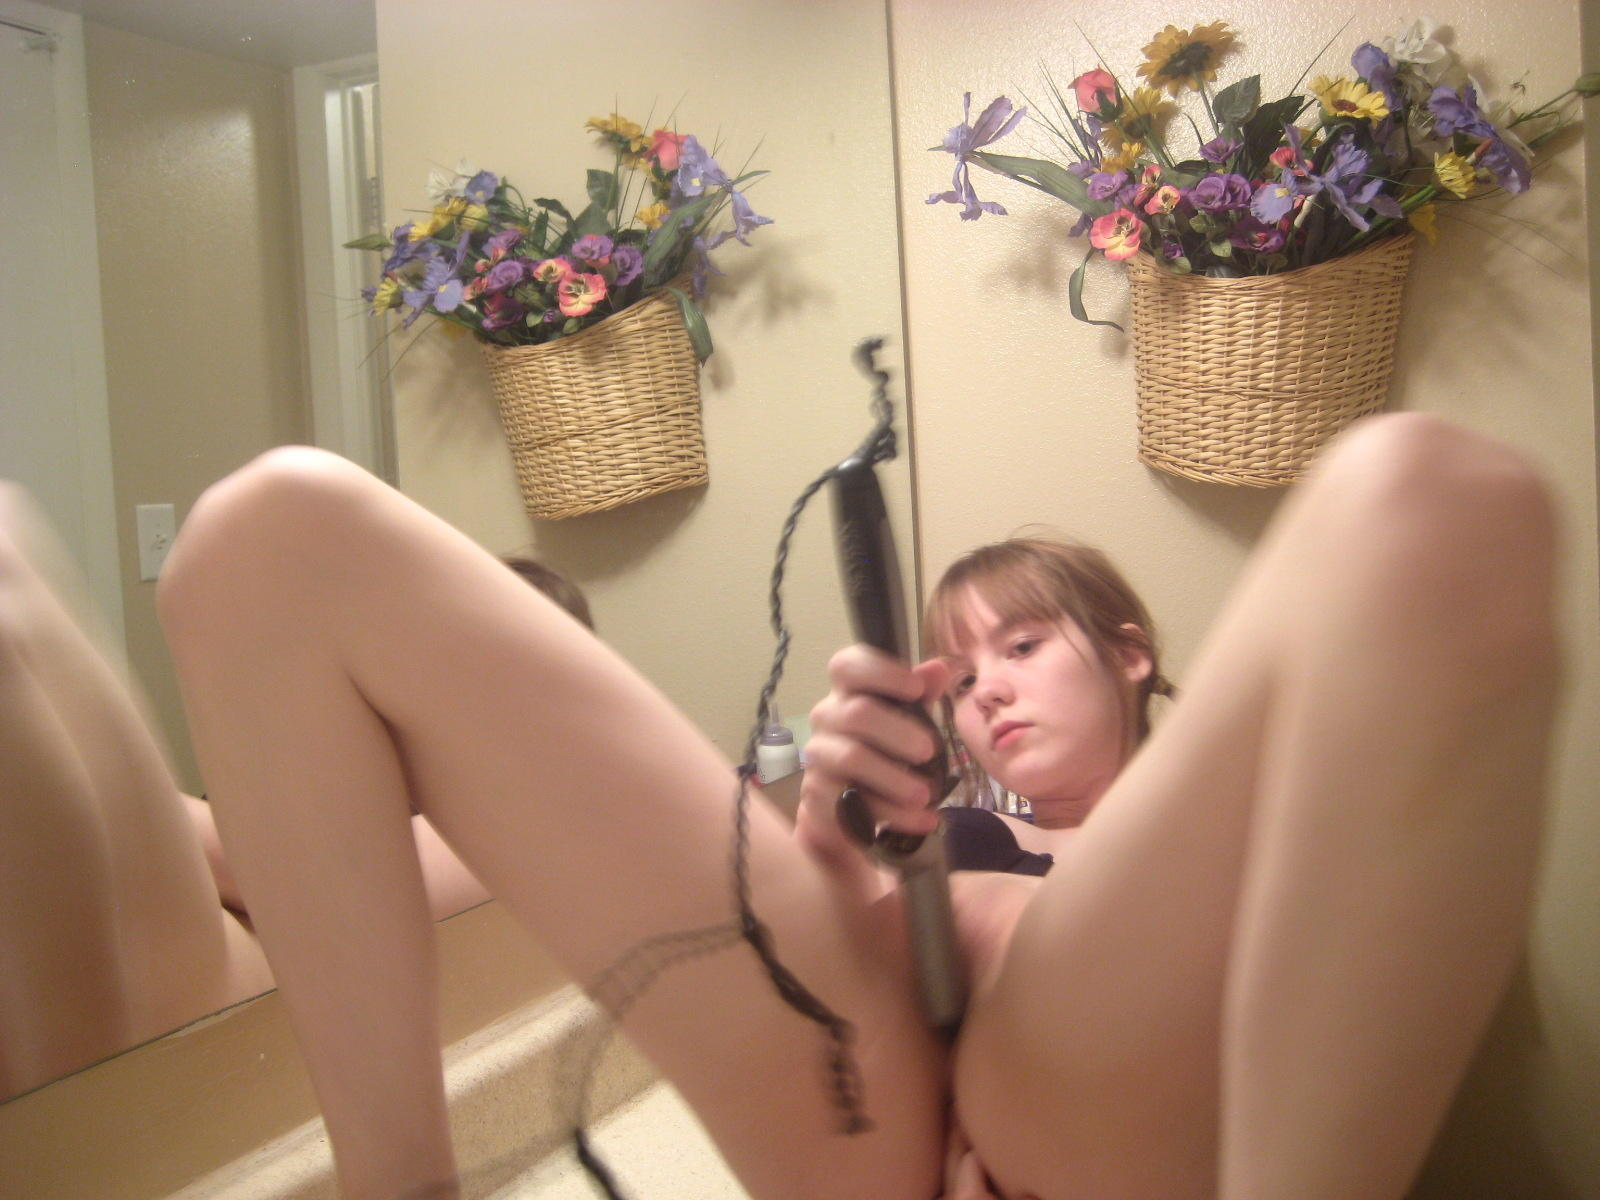 VERY girlfriends orgasm video dat ass